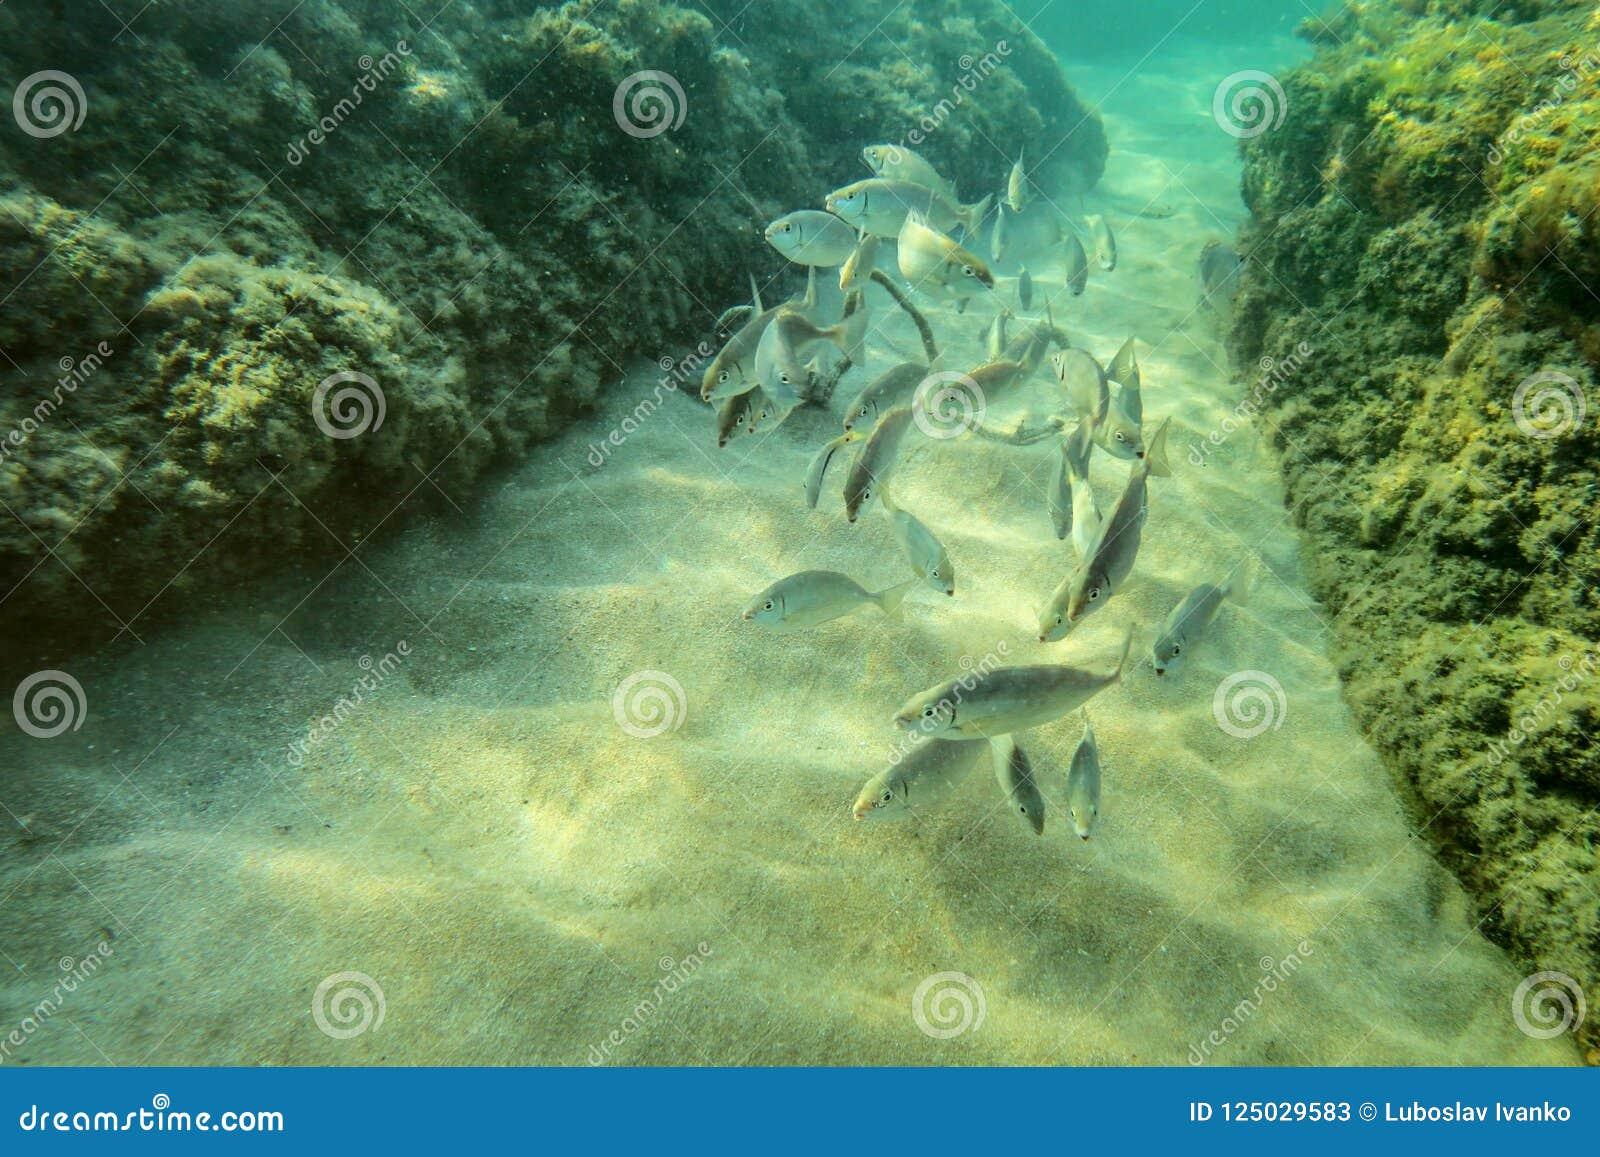 Onderwaterfoto, groep kleine vissen die tussen algen c zwemmen